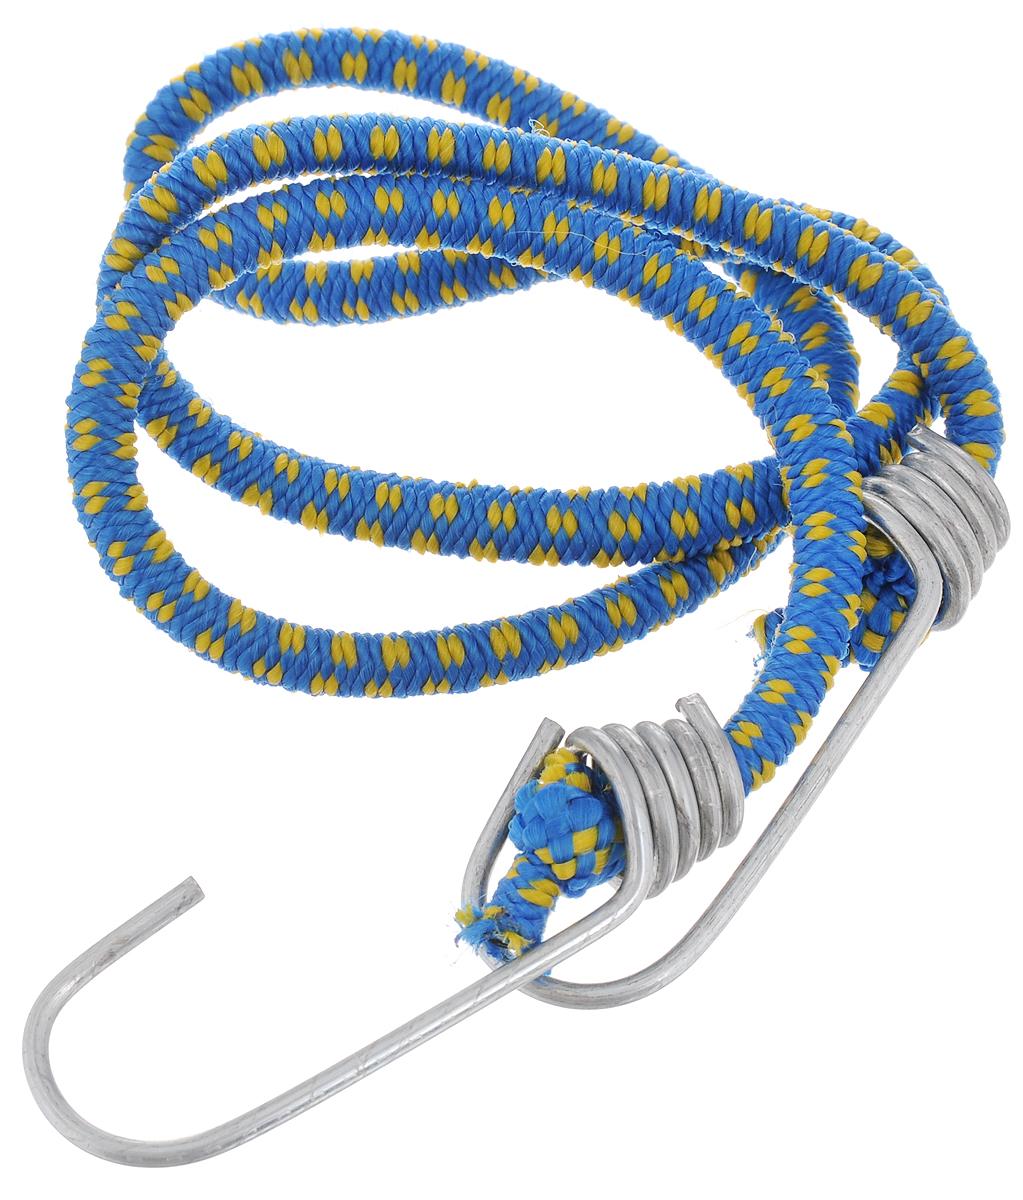 Резинка багажная МастерПроф, с крючками, цвет: синий, желтый, 0,6 х 80 см. АС.020021CA-3505Багажная резинка МастерПроф, выполненная из синтетического каучука, оснащена специальными металлическими крючками, которые обеспечивают прочное крепление и не допускают смещения груза во время его перевозки. Изделие применяется для закрепления предметов к багажнику. Такая резинка позволит зафиксировать как небольшой груз, так и довольно габаритный.Температура использования: -15°C до +50°C.Безопасное удлинение: 60%.Толщина резинки: 0,6 см.Длина резинки: 80 см.